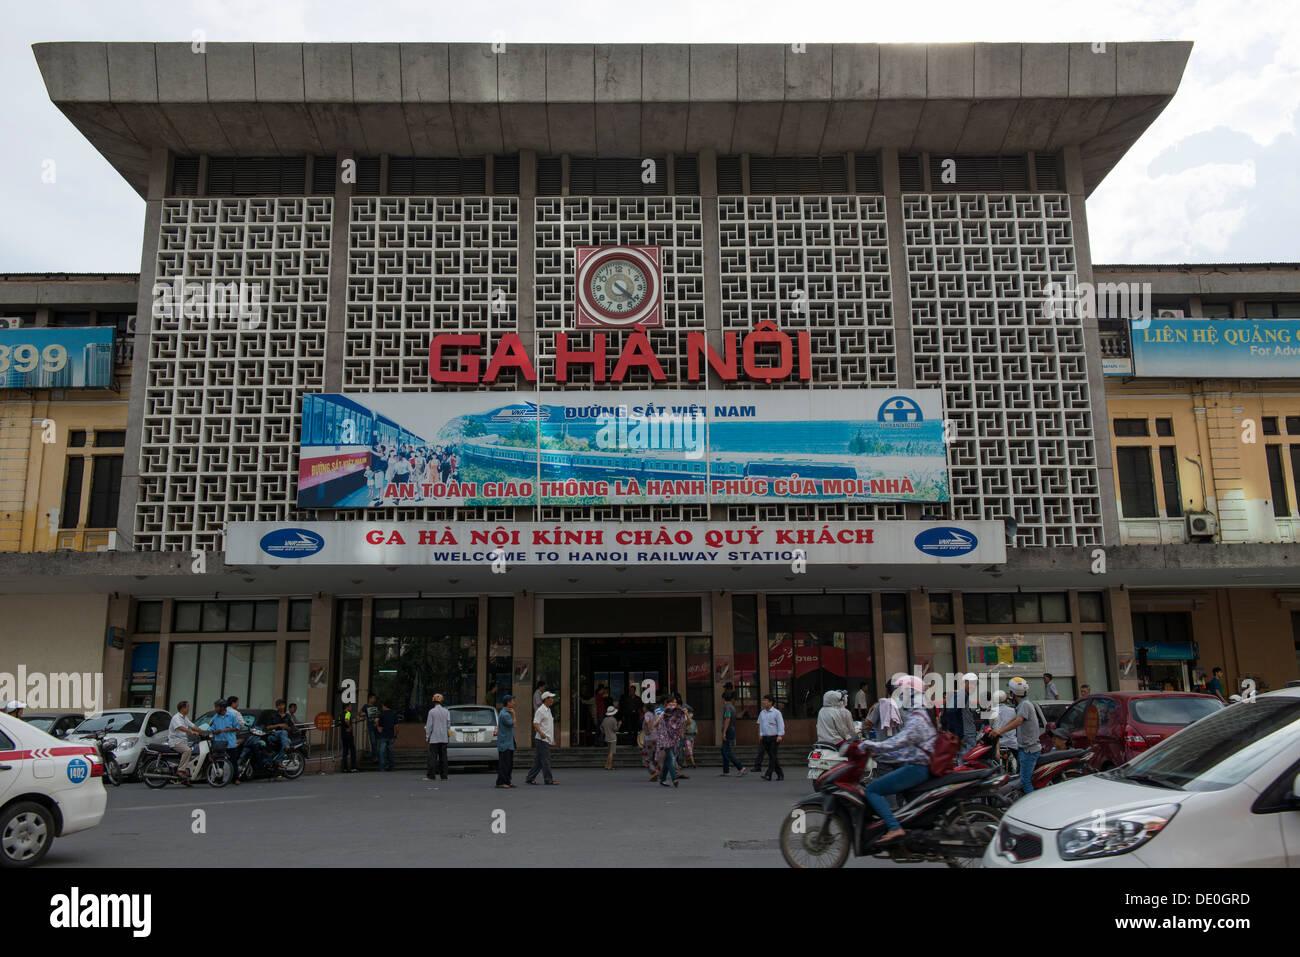 Hanoi city railway station (Phòng vé Ga Hà Nội ) , Hanoi, Vietnam - Stock Image